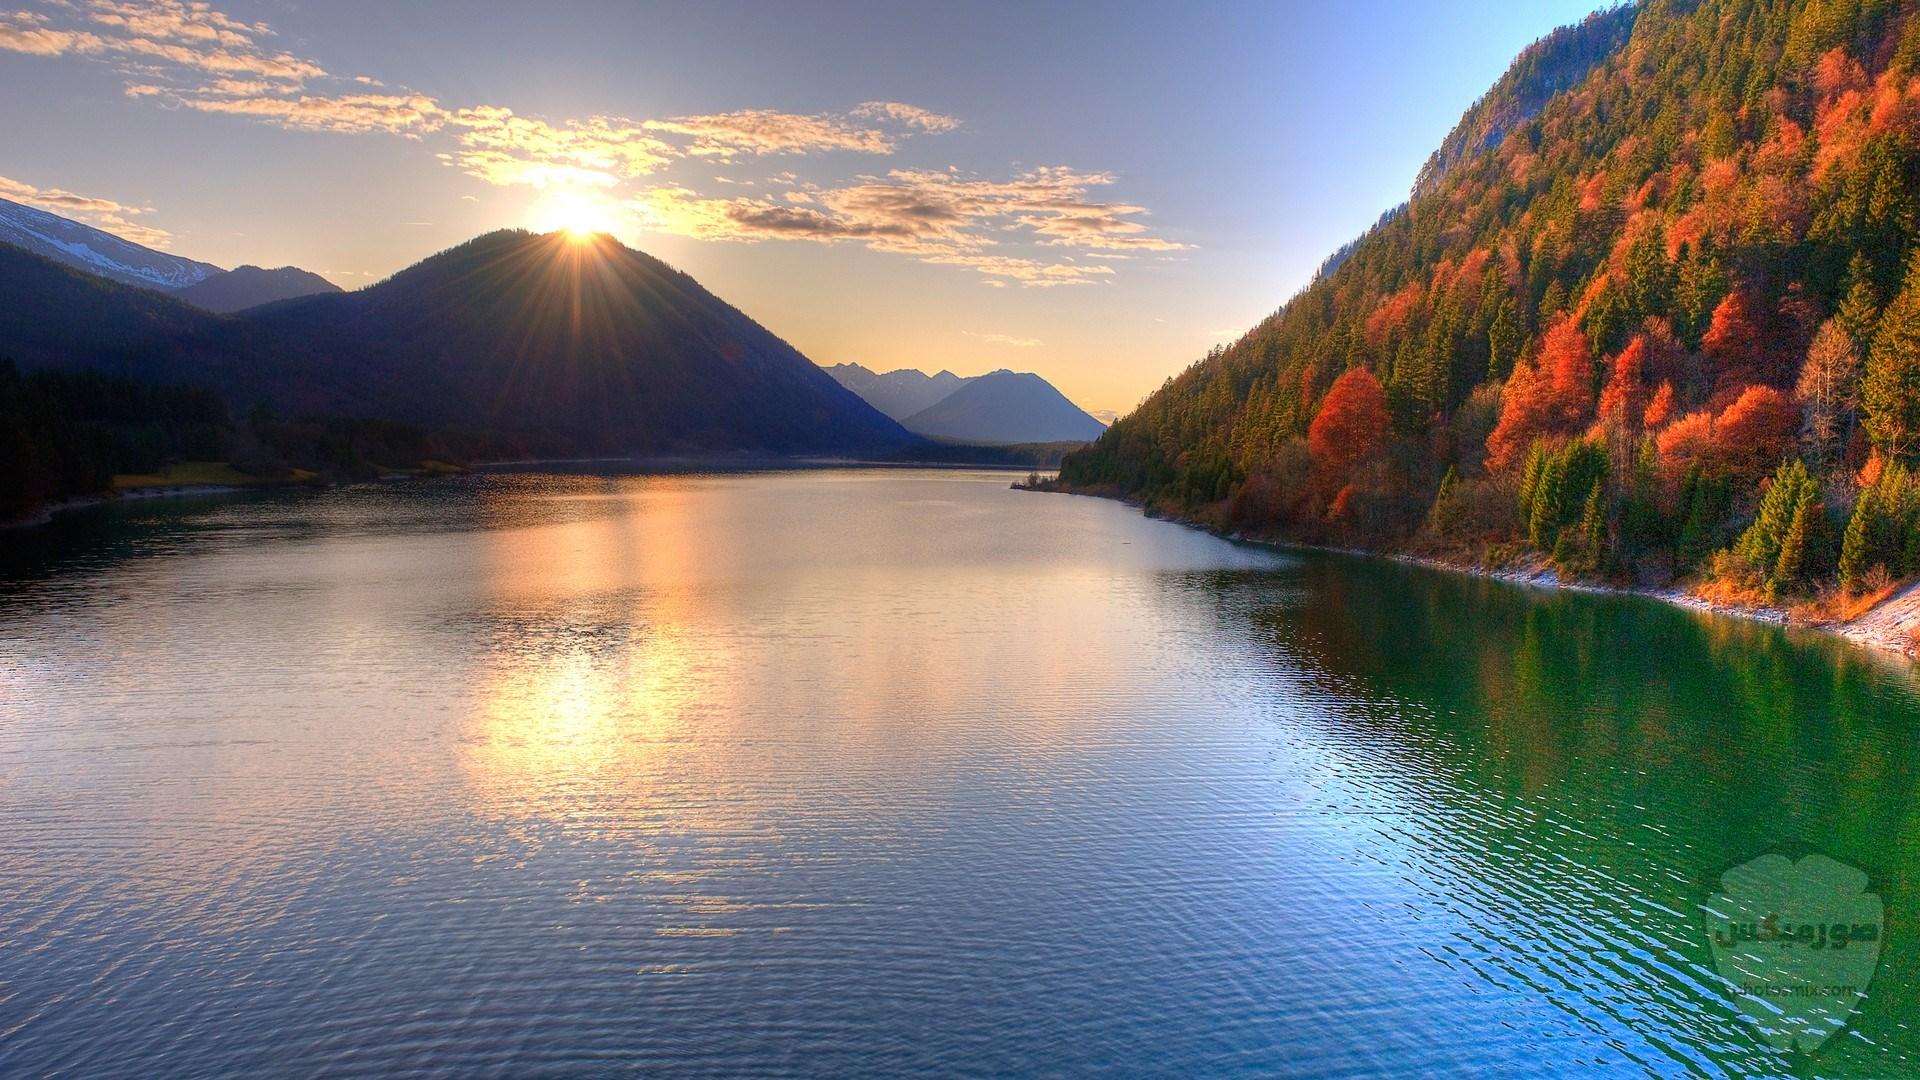 صور وخلفيات جبال وشلالات طبيعية HD خلفيات جبال خضراء وثلجية 16